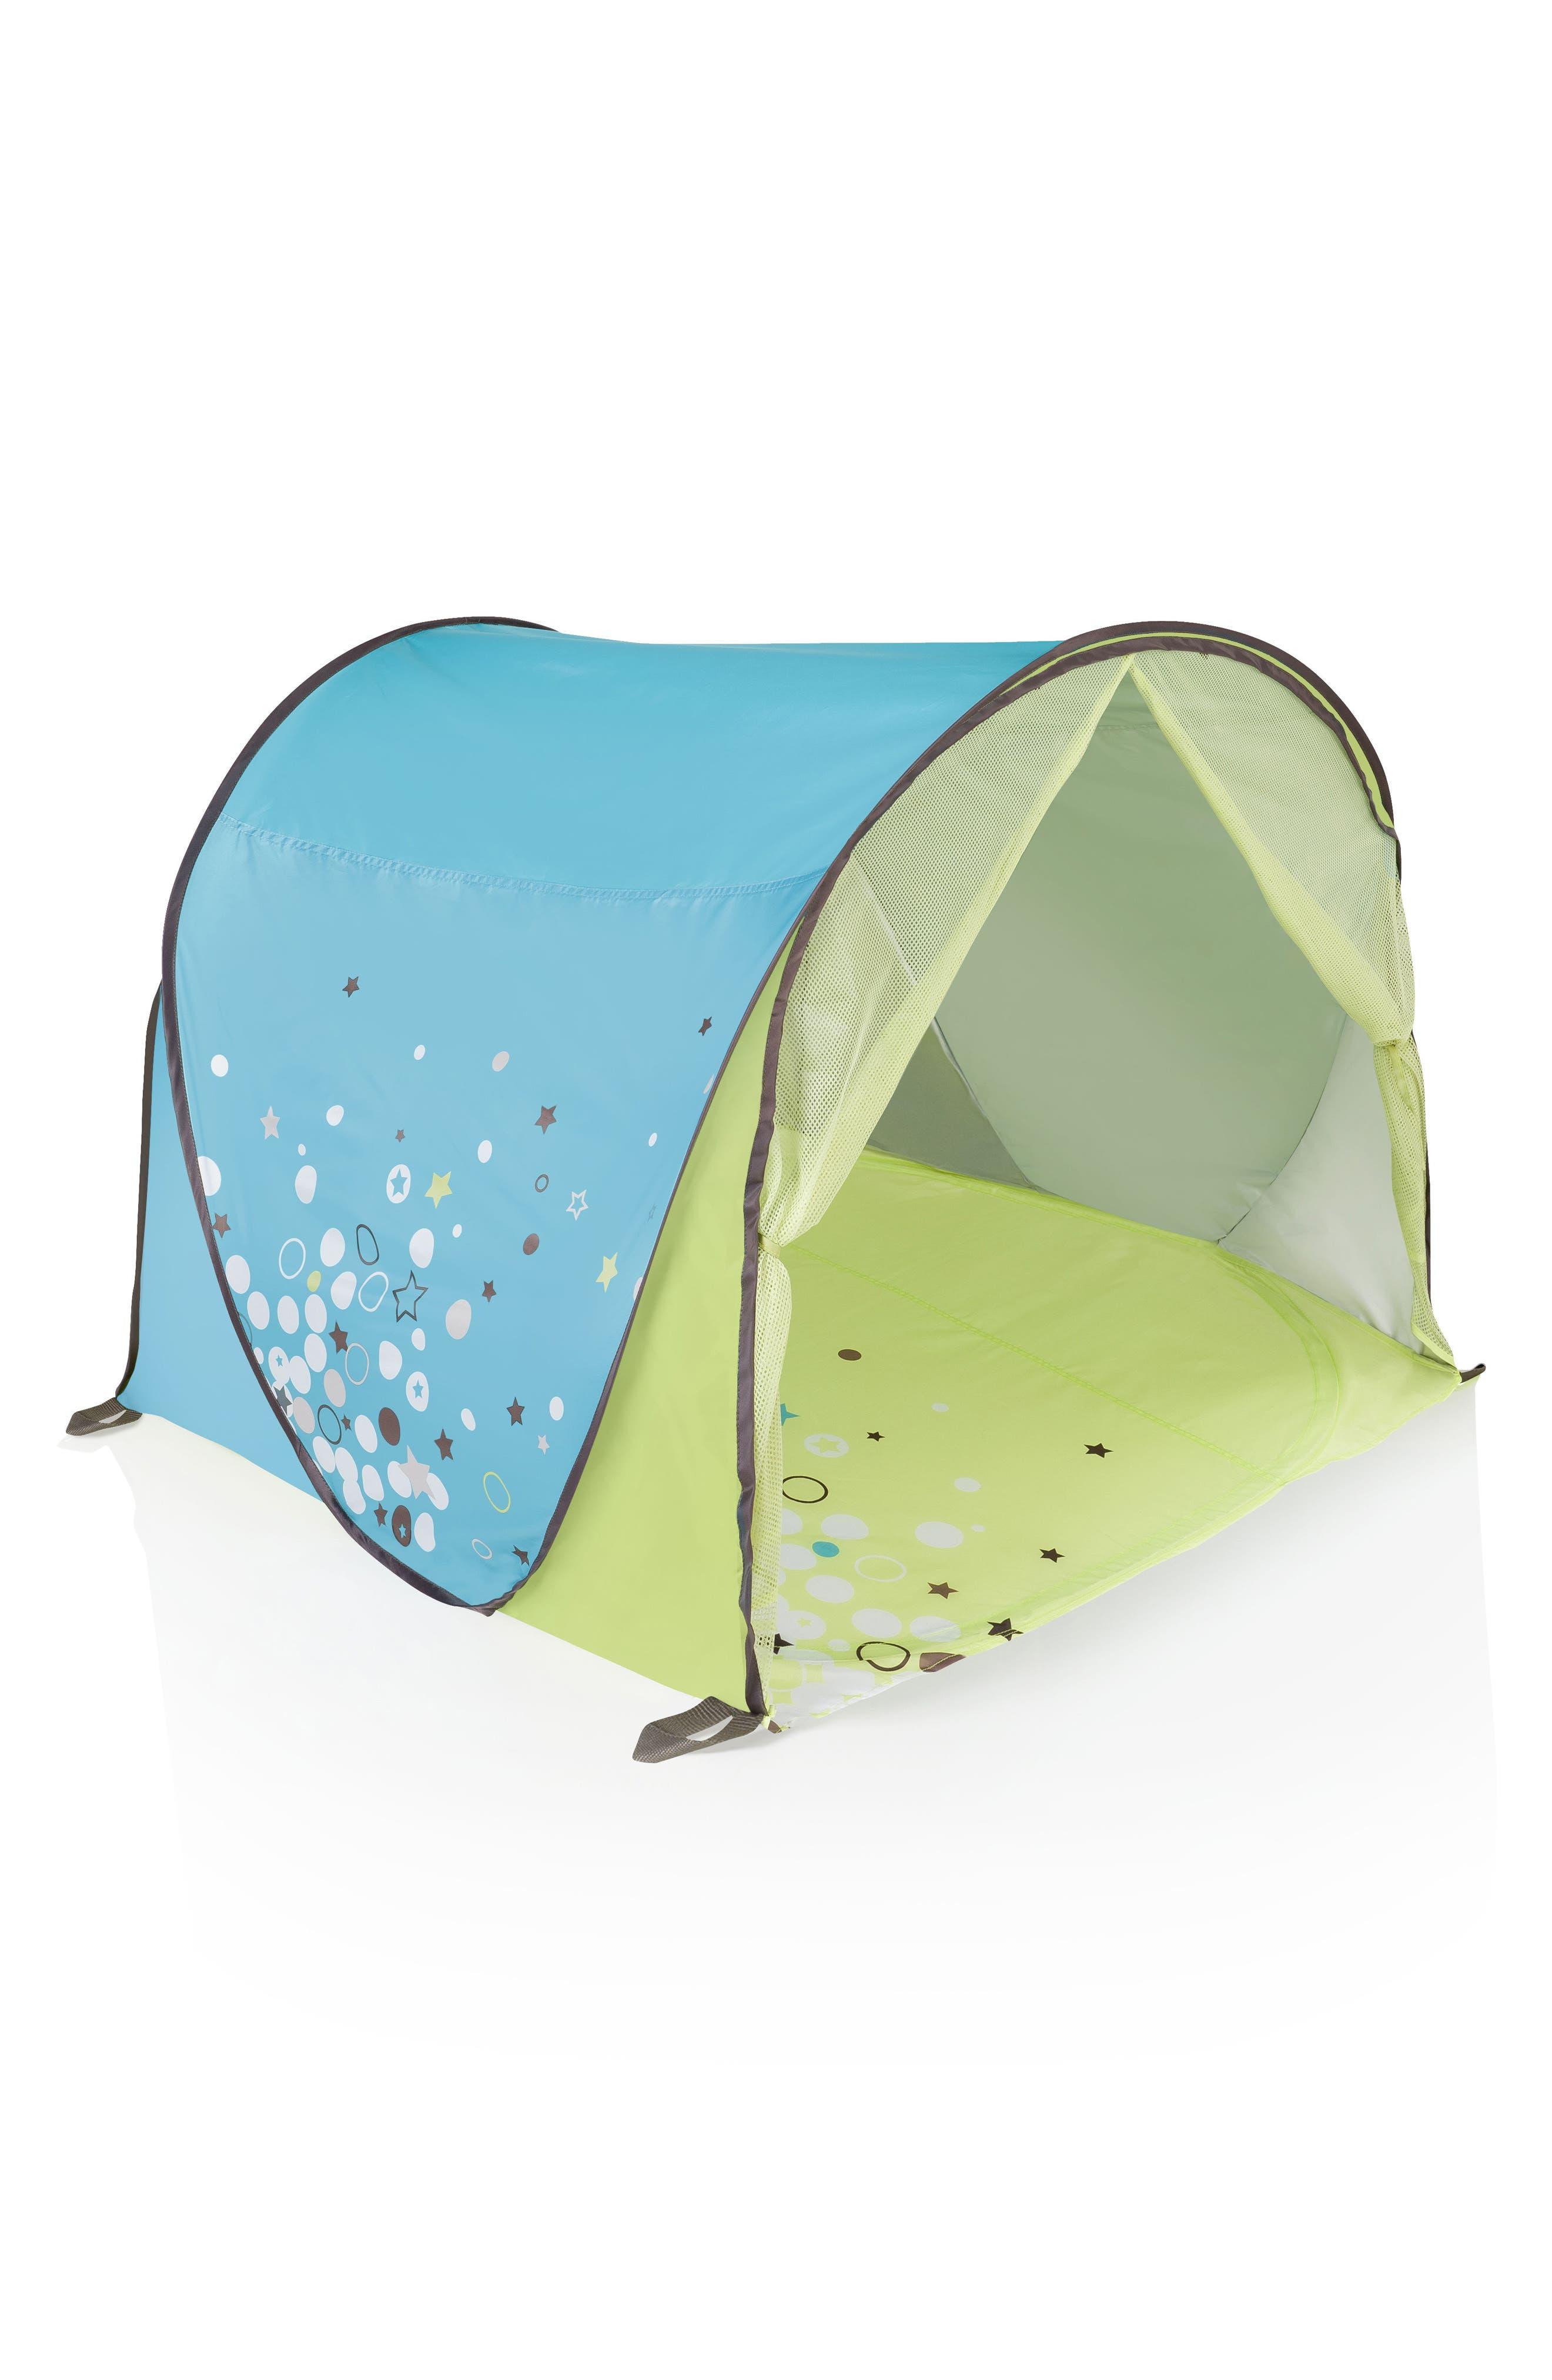 Anti UV Tent,                             Main thumbnail 1, color,                             BLUE GREEN